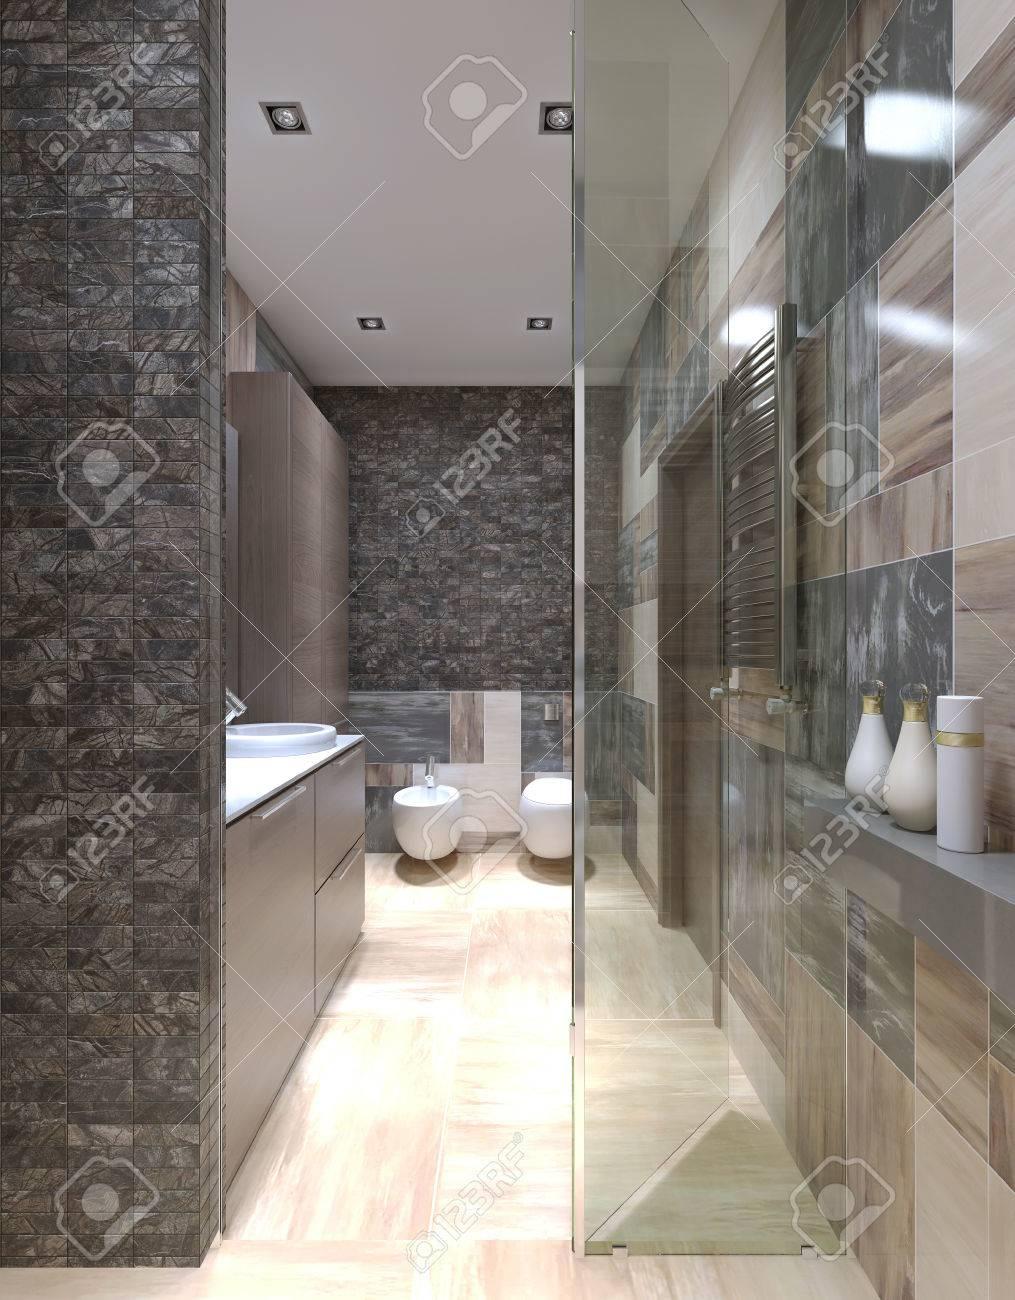 Gewaltig Badezimmer Design Referenz Von Modernes Badezimmer-design Mit Hilfe Von Kleinen Fliesen